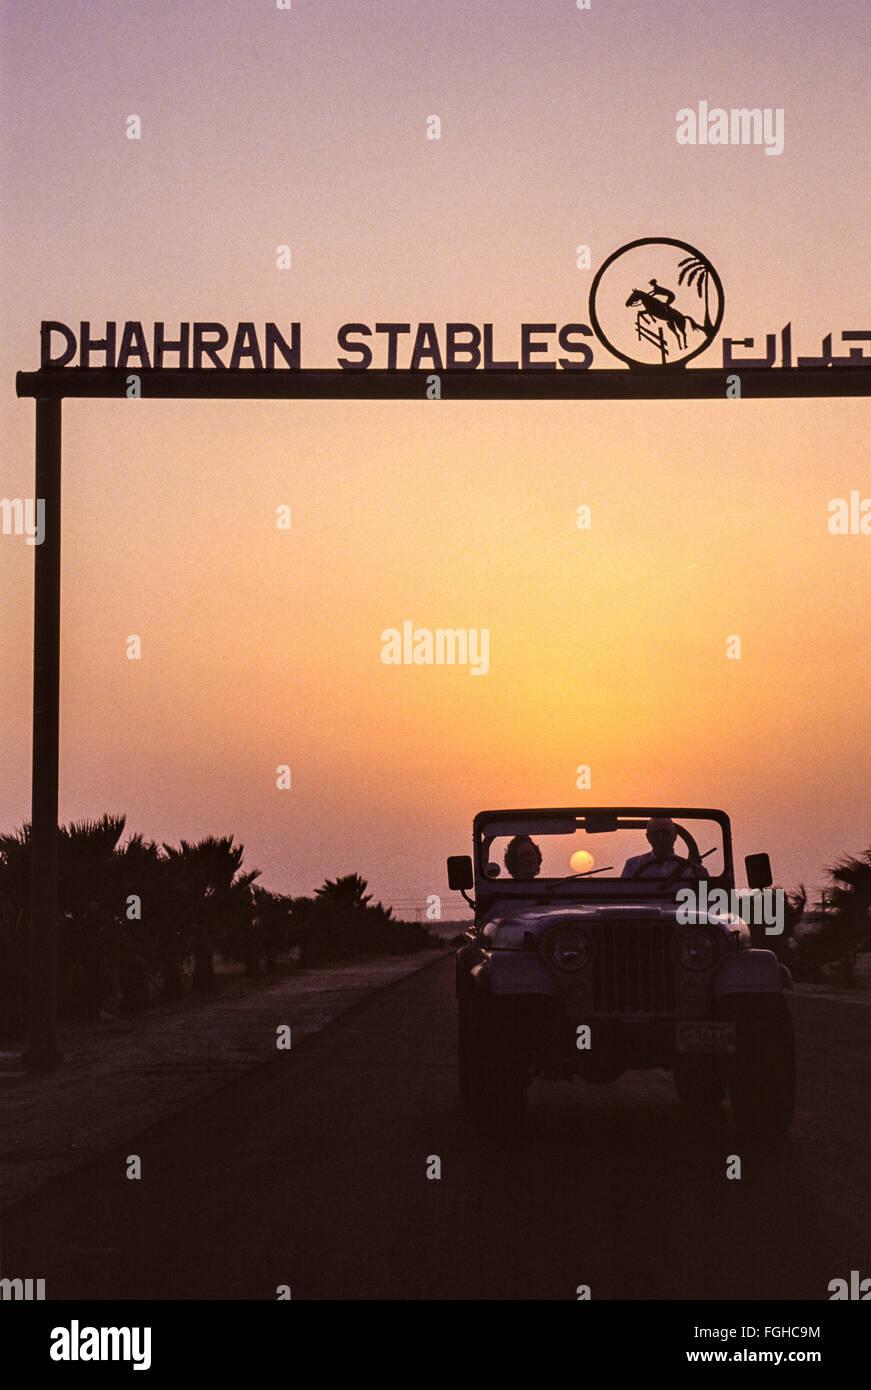 La Dhahran establos de la Saudi Aramco Oil Company compuesto. Imagen De Stock